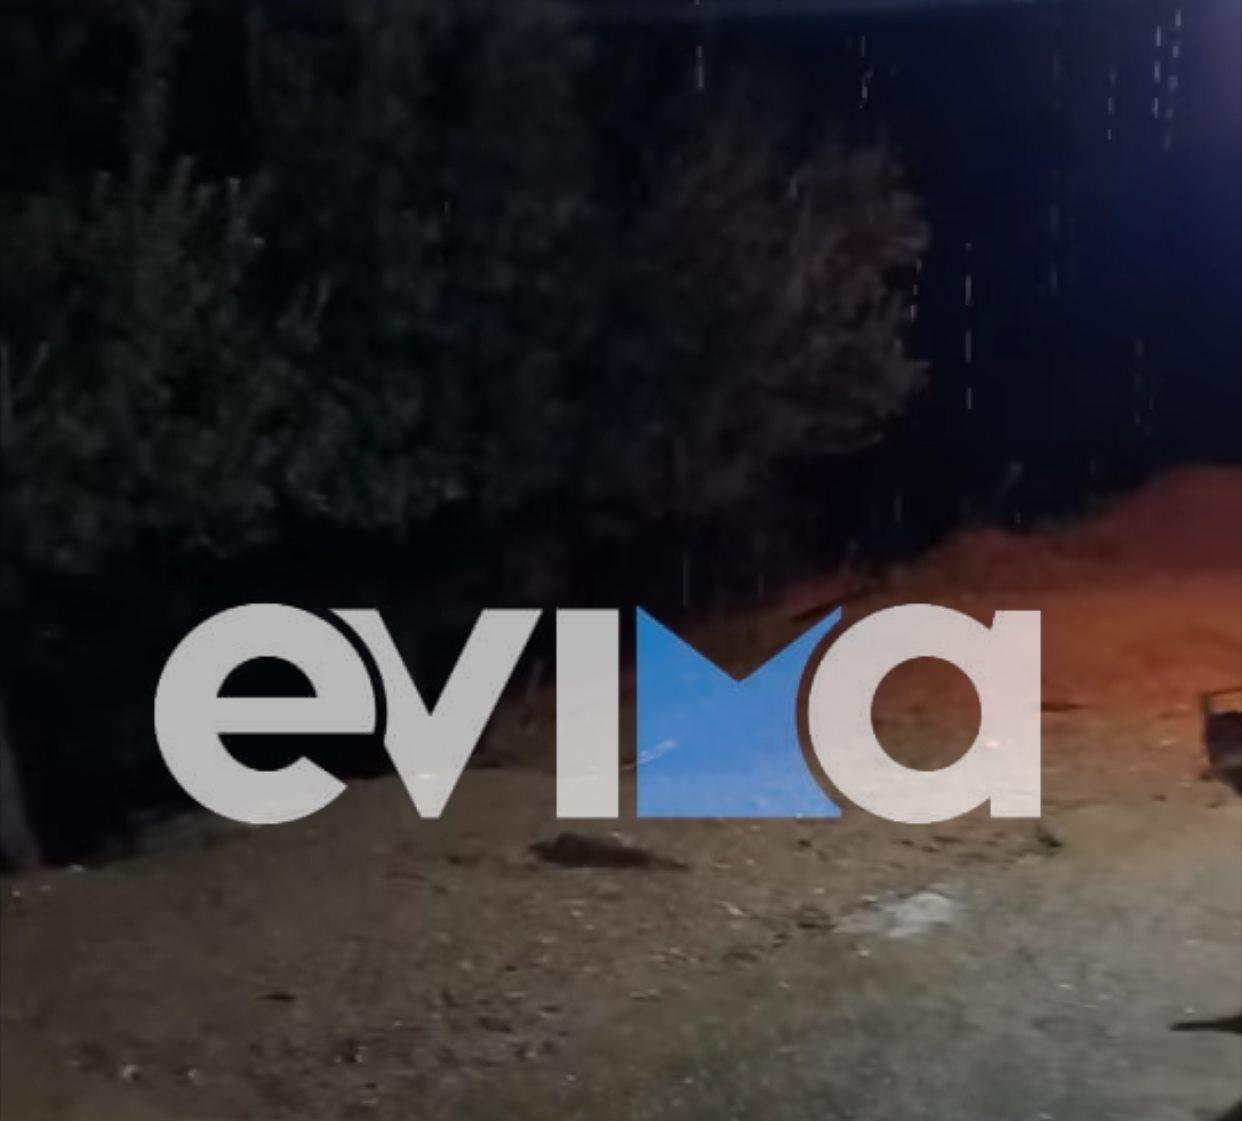 Εύβοια – Κάρυστος: Έντονη χαλαζόπτωση, αστραπές και διακοπές ρεύματος στο Πόθι [βίντεο]